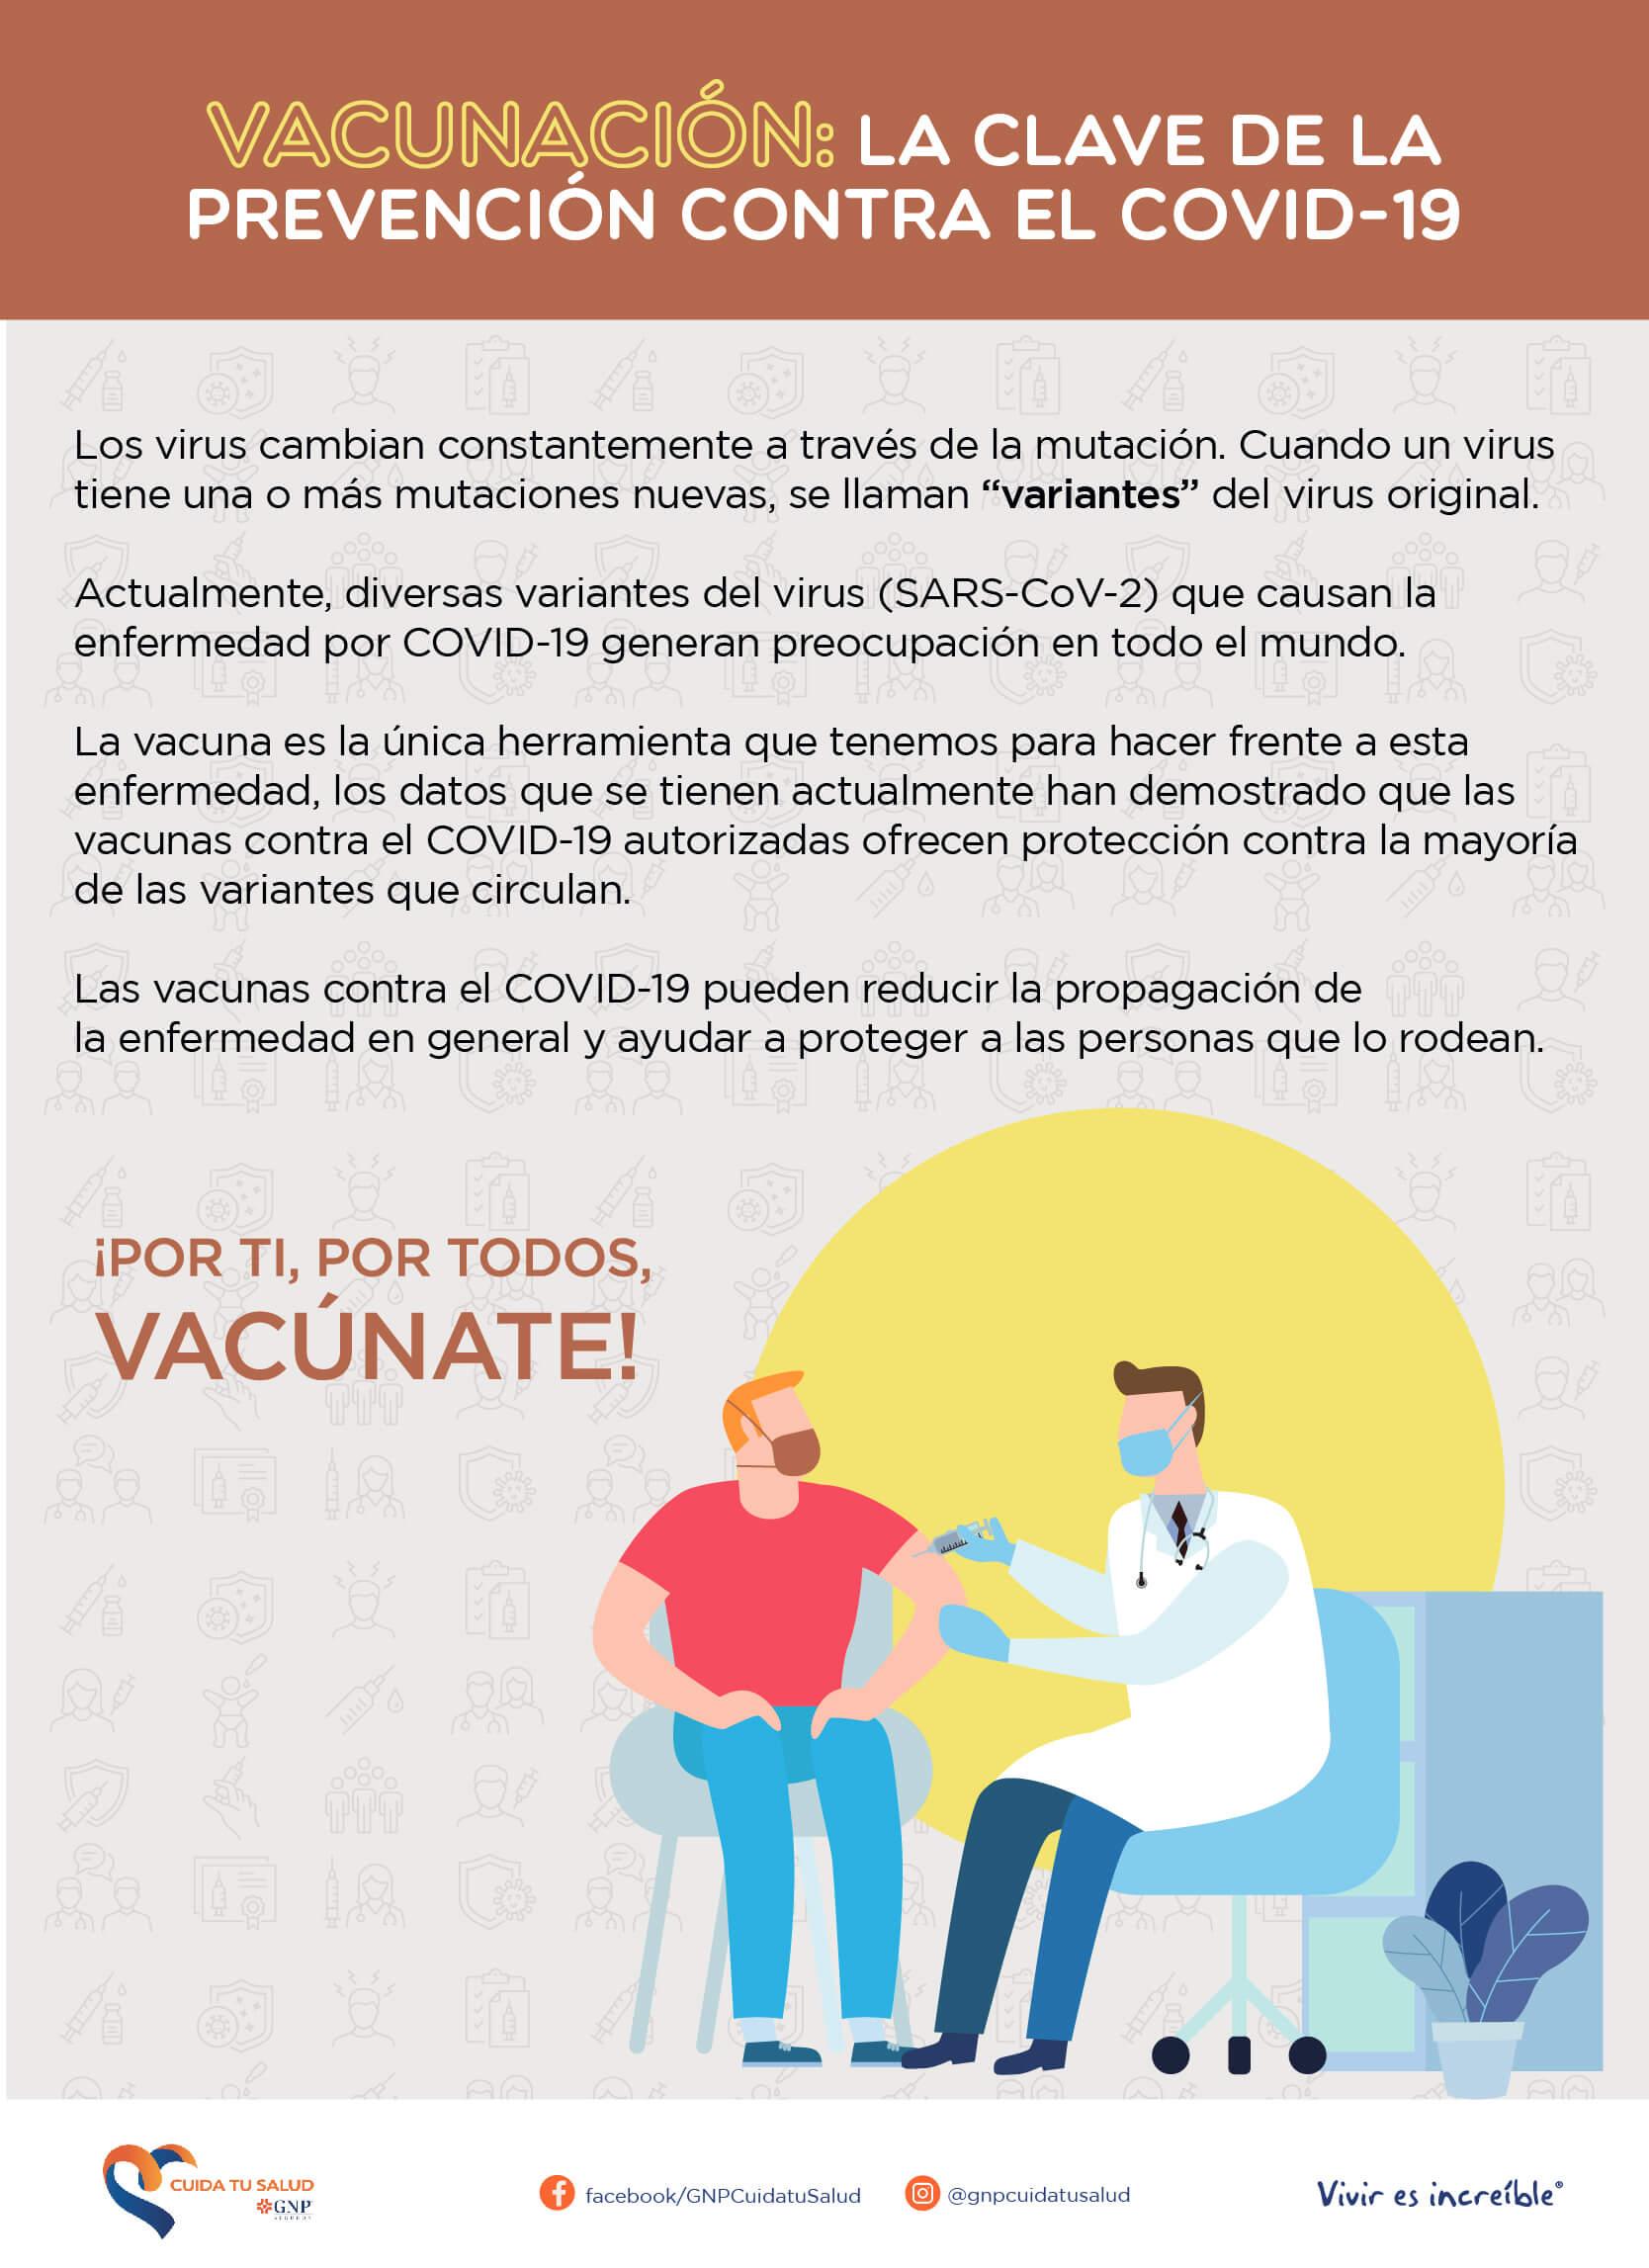 Vacunación: la clave de la prevención contra el COVID-19